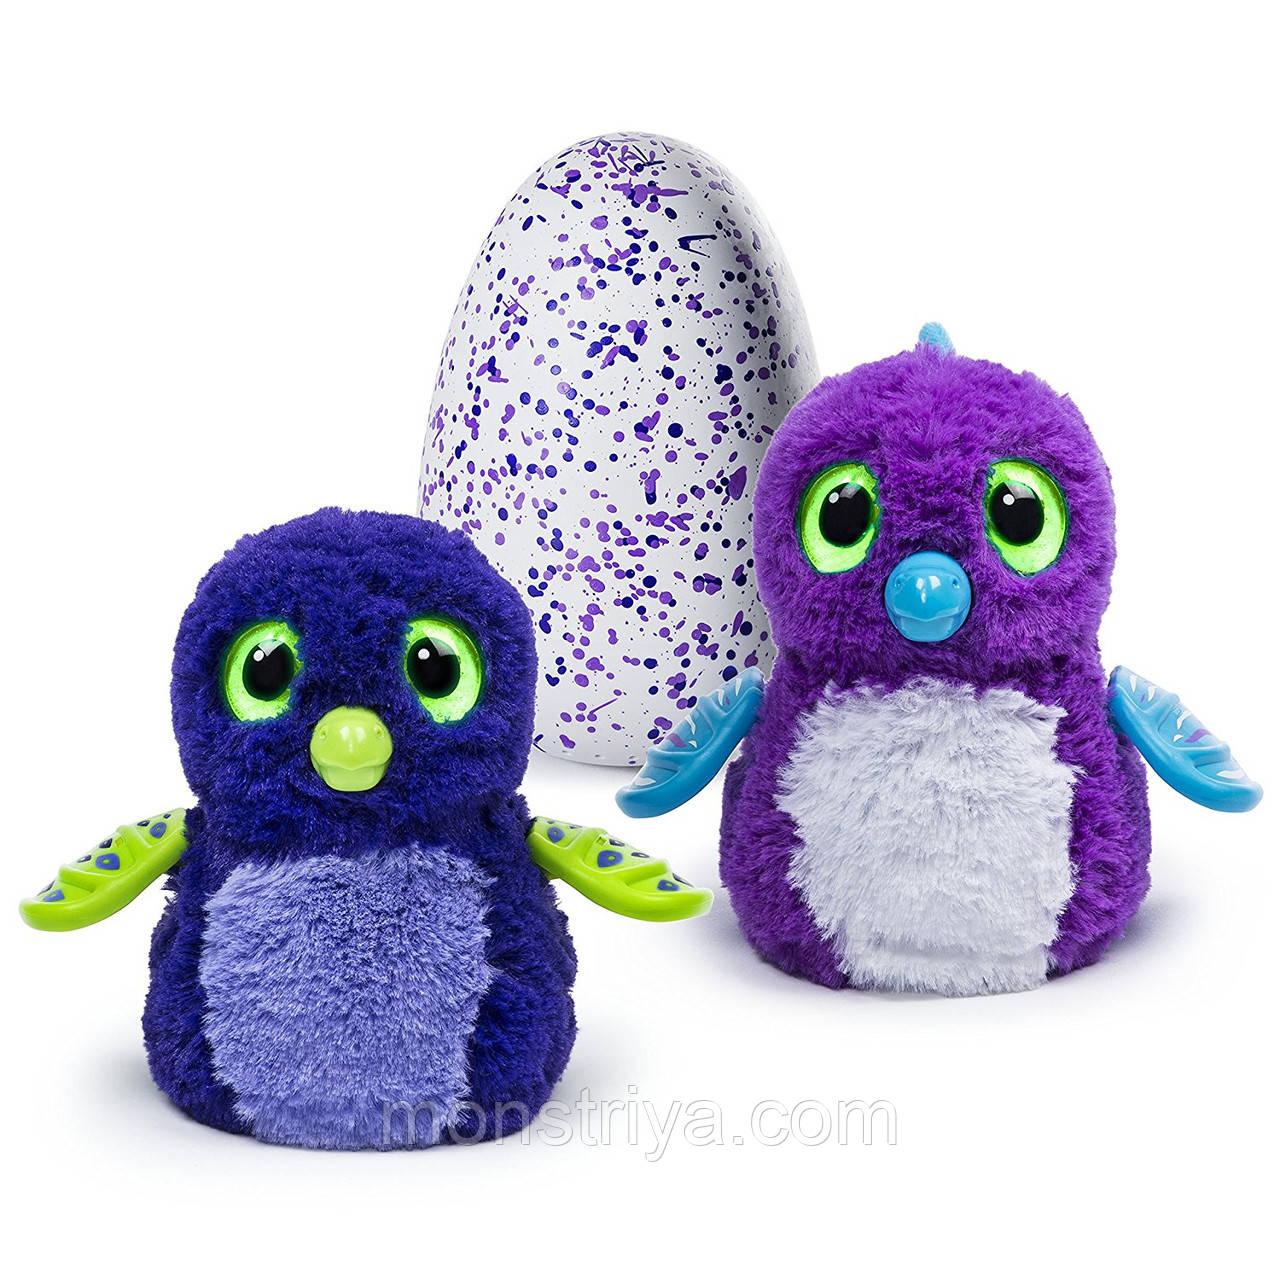 Пингвинчик- Интерактивная игрушка Hatchimals